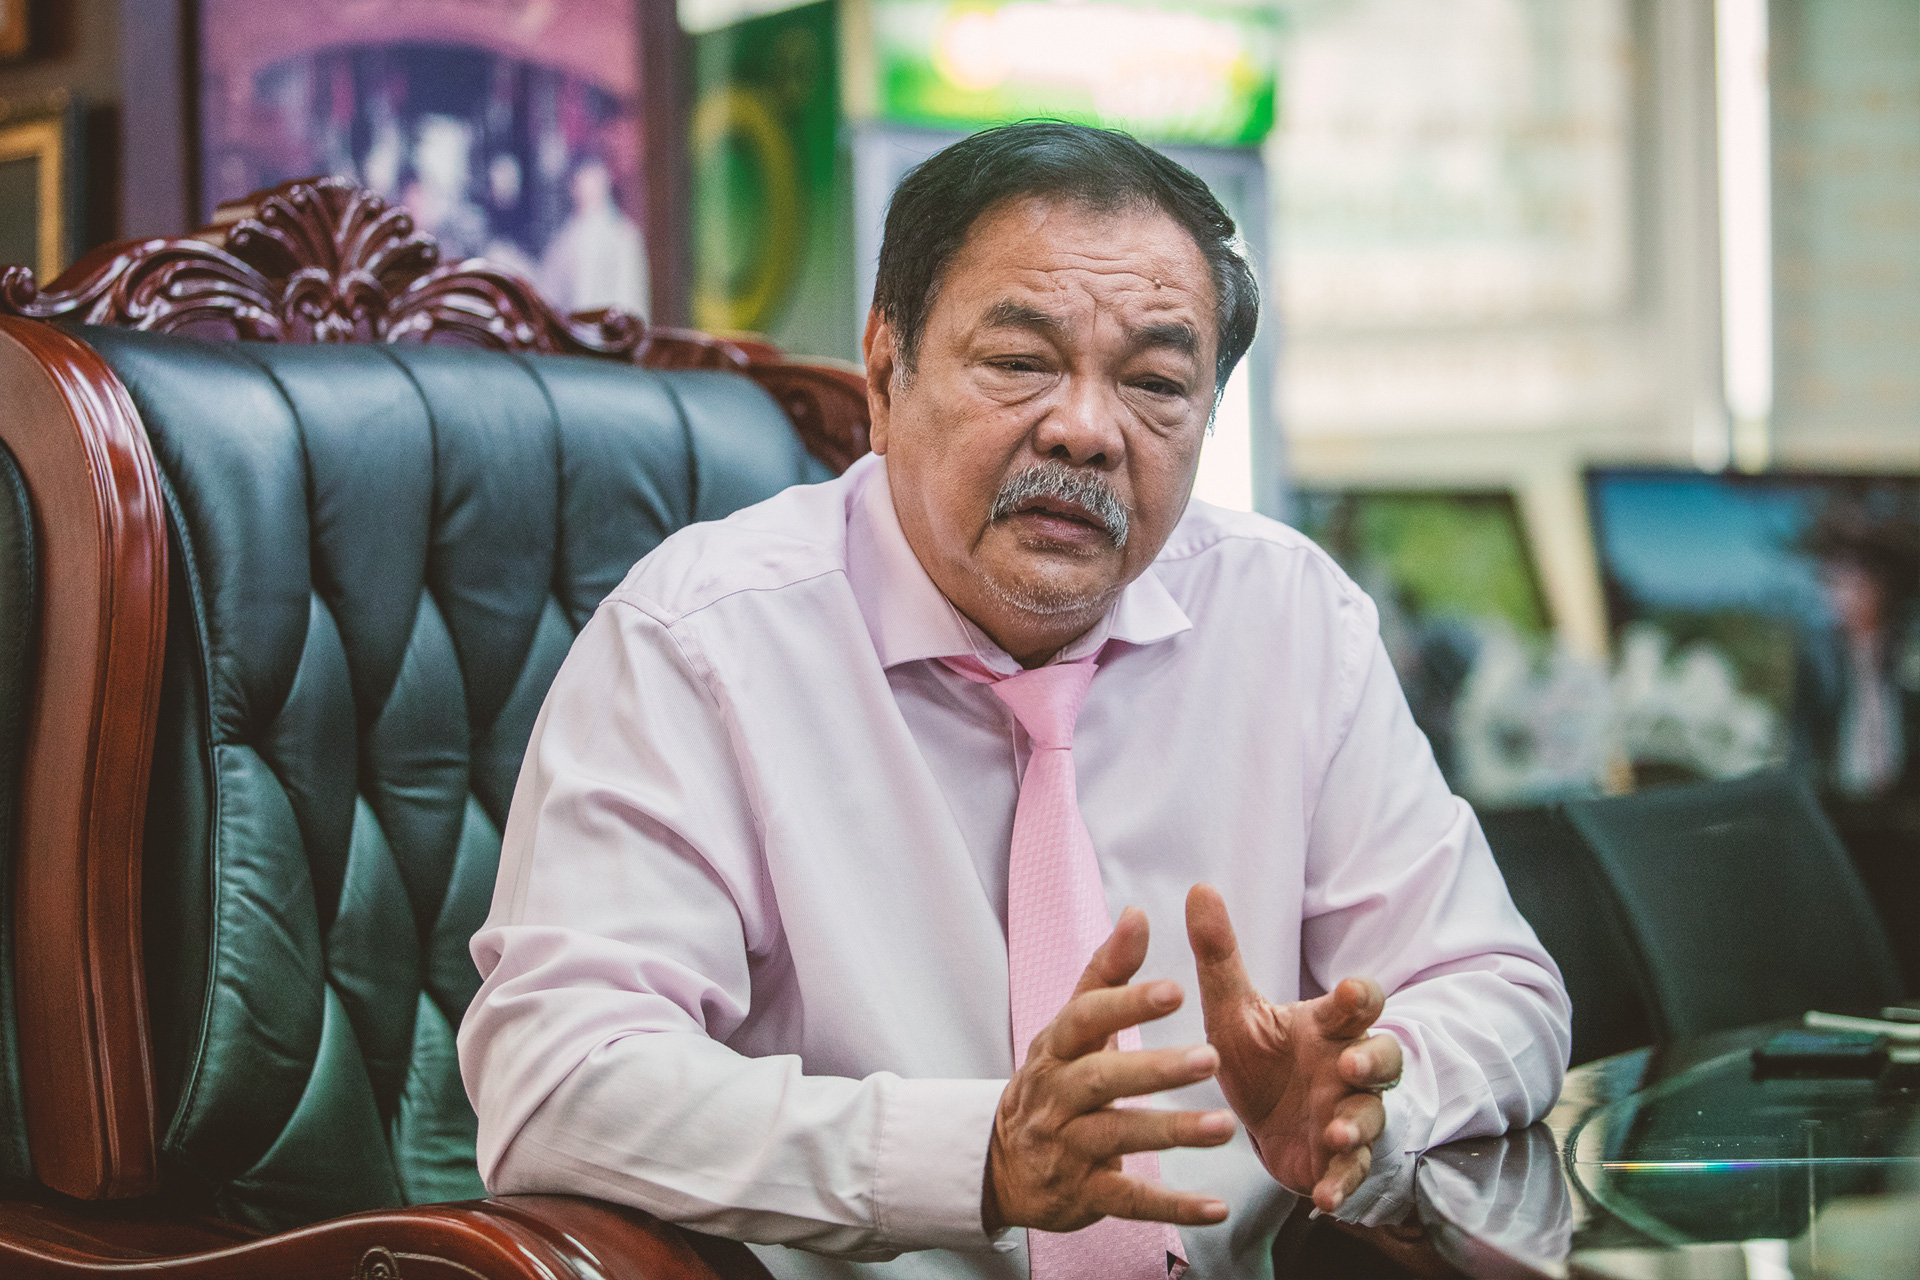 Nhà sáng lập kiêm tổng giám đốc Tân Hiệp Phát Trần Quí Thanh: Xây dựng Tân Hiệp Phát là để trường tồn - Ảnh 1.